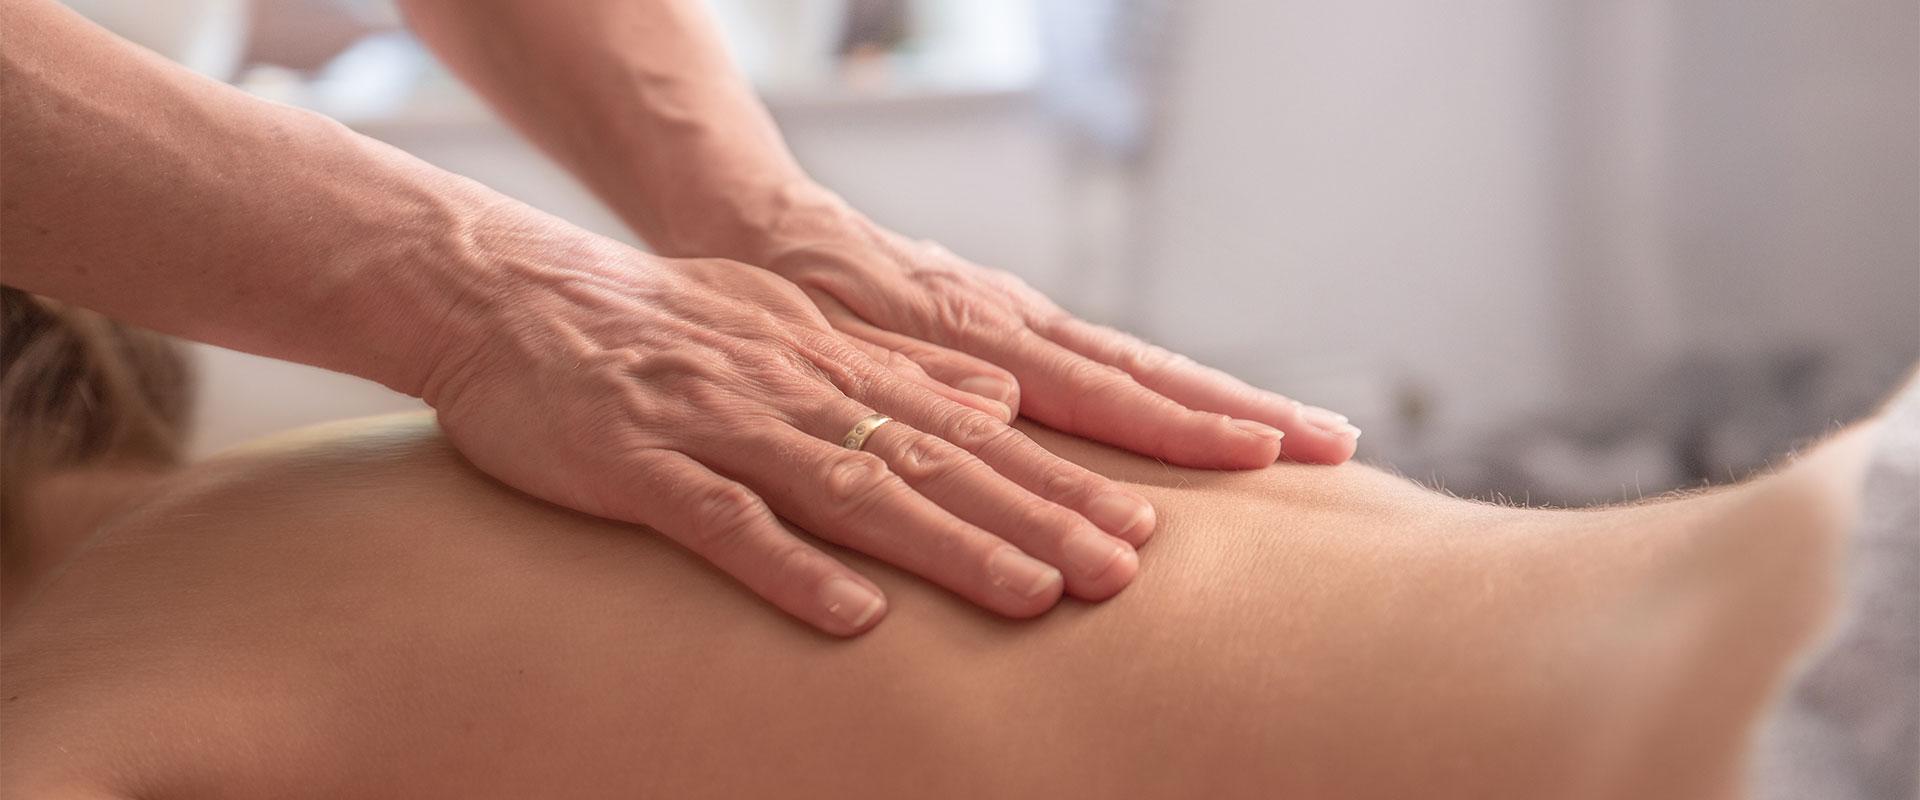 Bioenergetische Massage